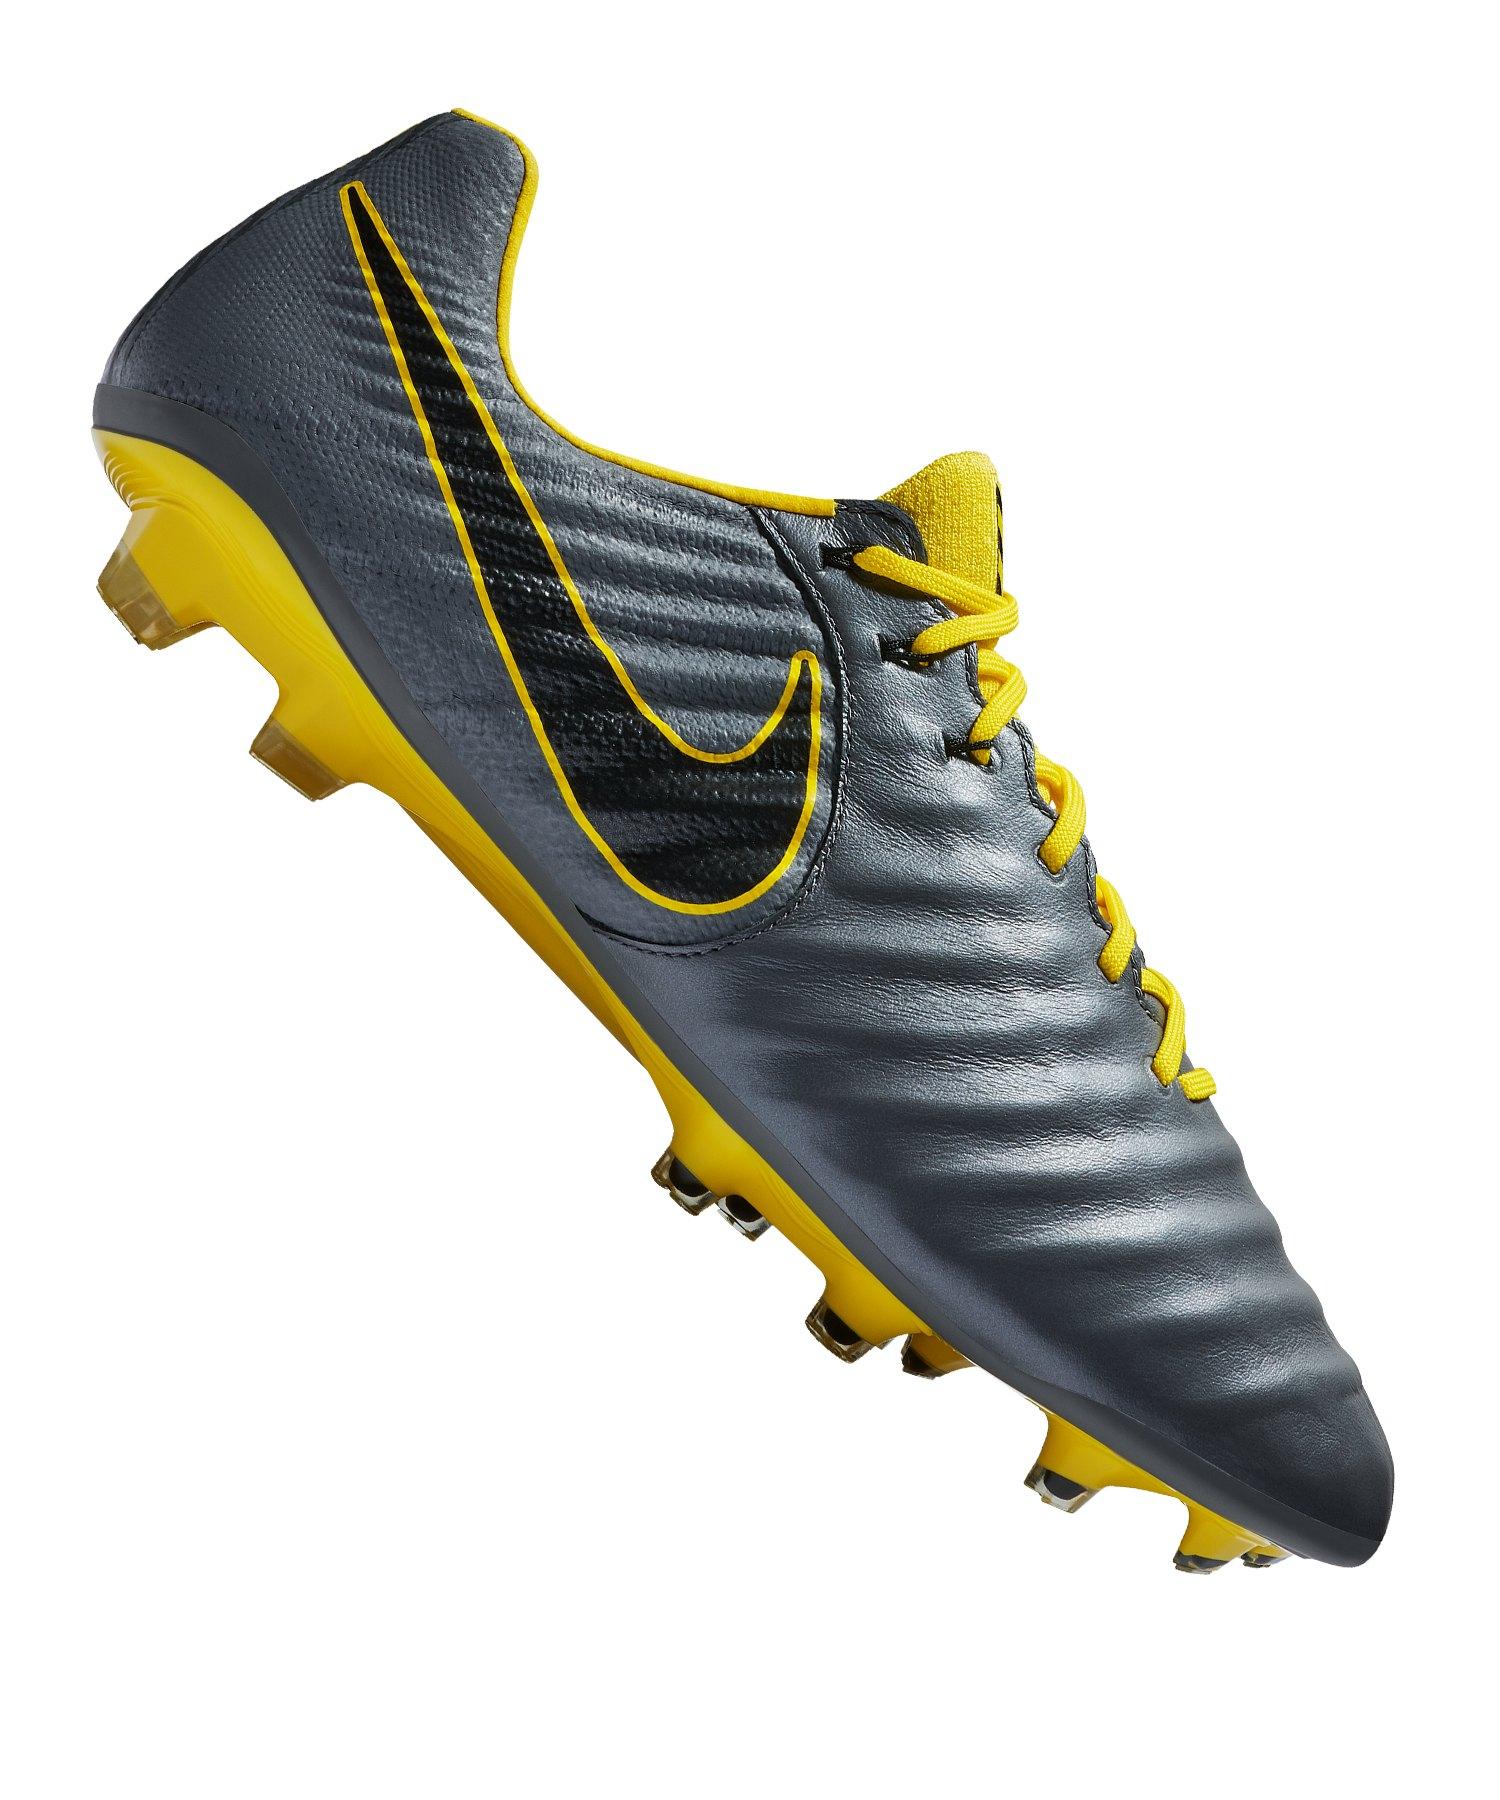 8b7ba0b3839 Nike Tiempo Legend VII Elite FG Grau F070 - grau